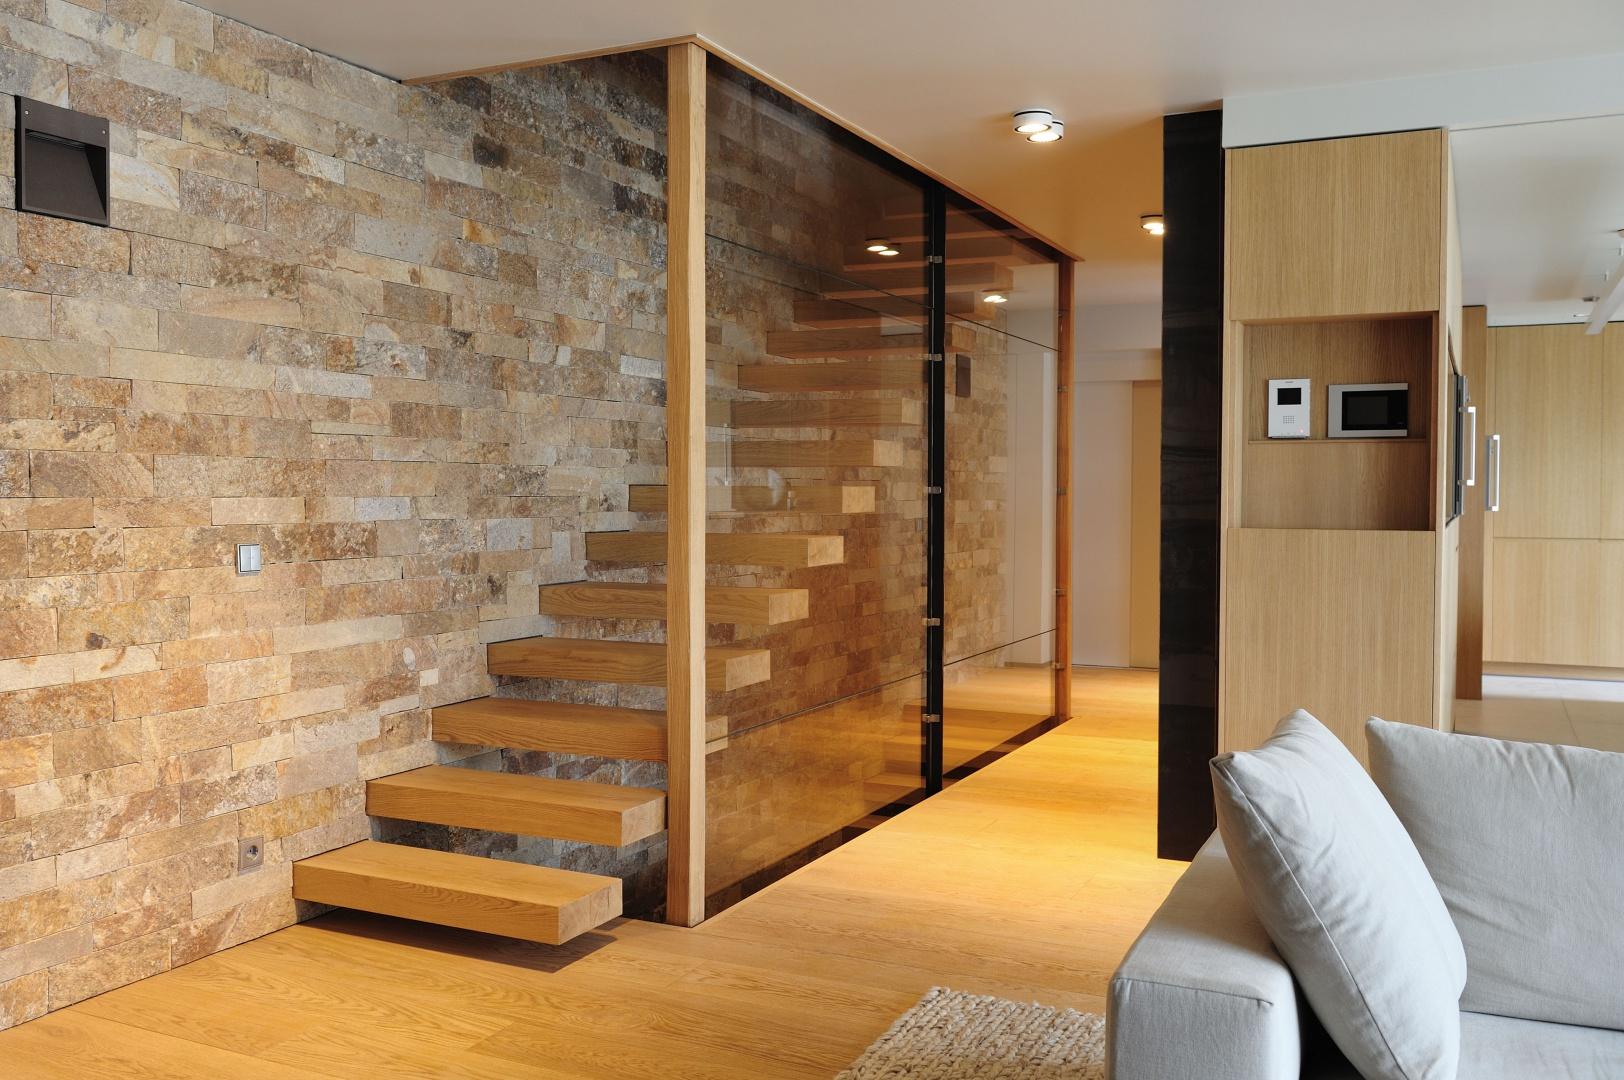 Przytulne wn trze jasne i bardzo pi kne galeria - Coblonal arquitectura ...